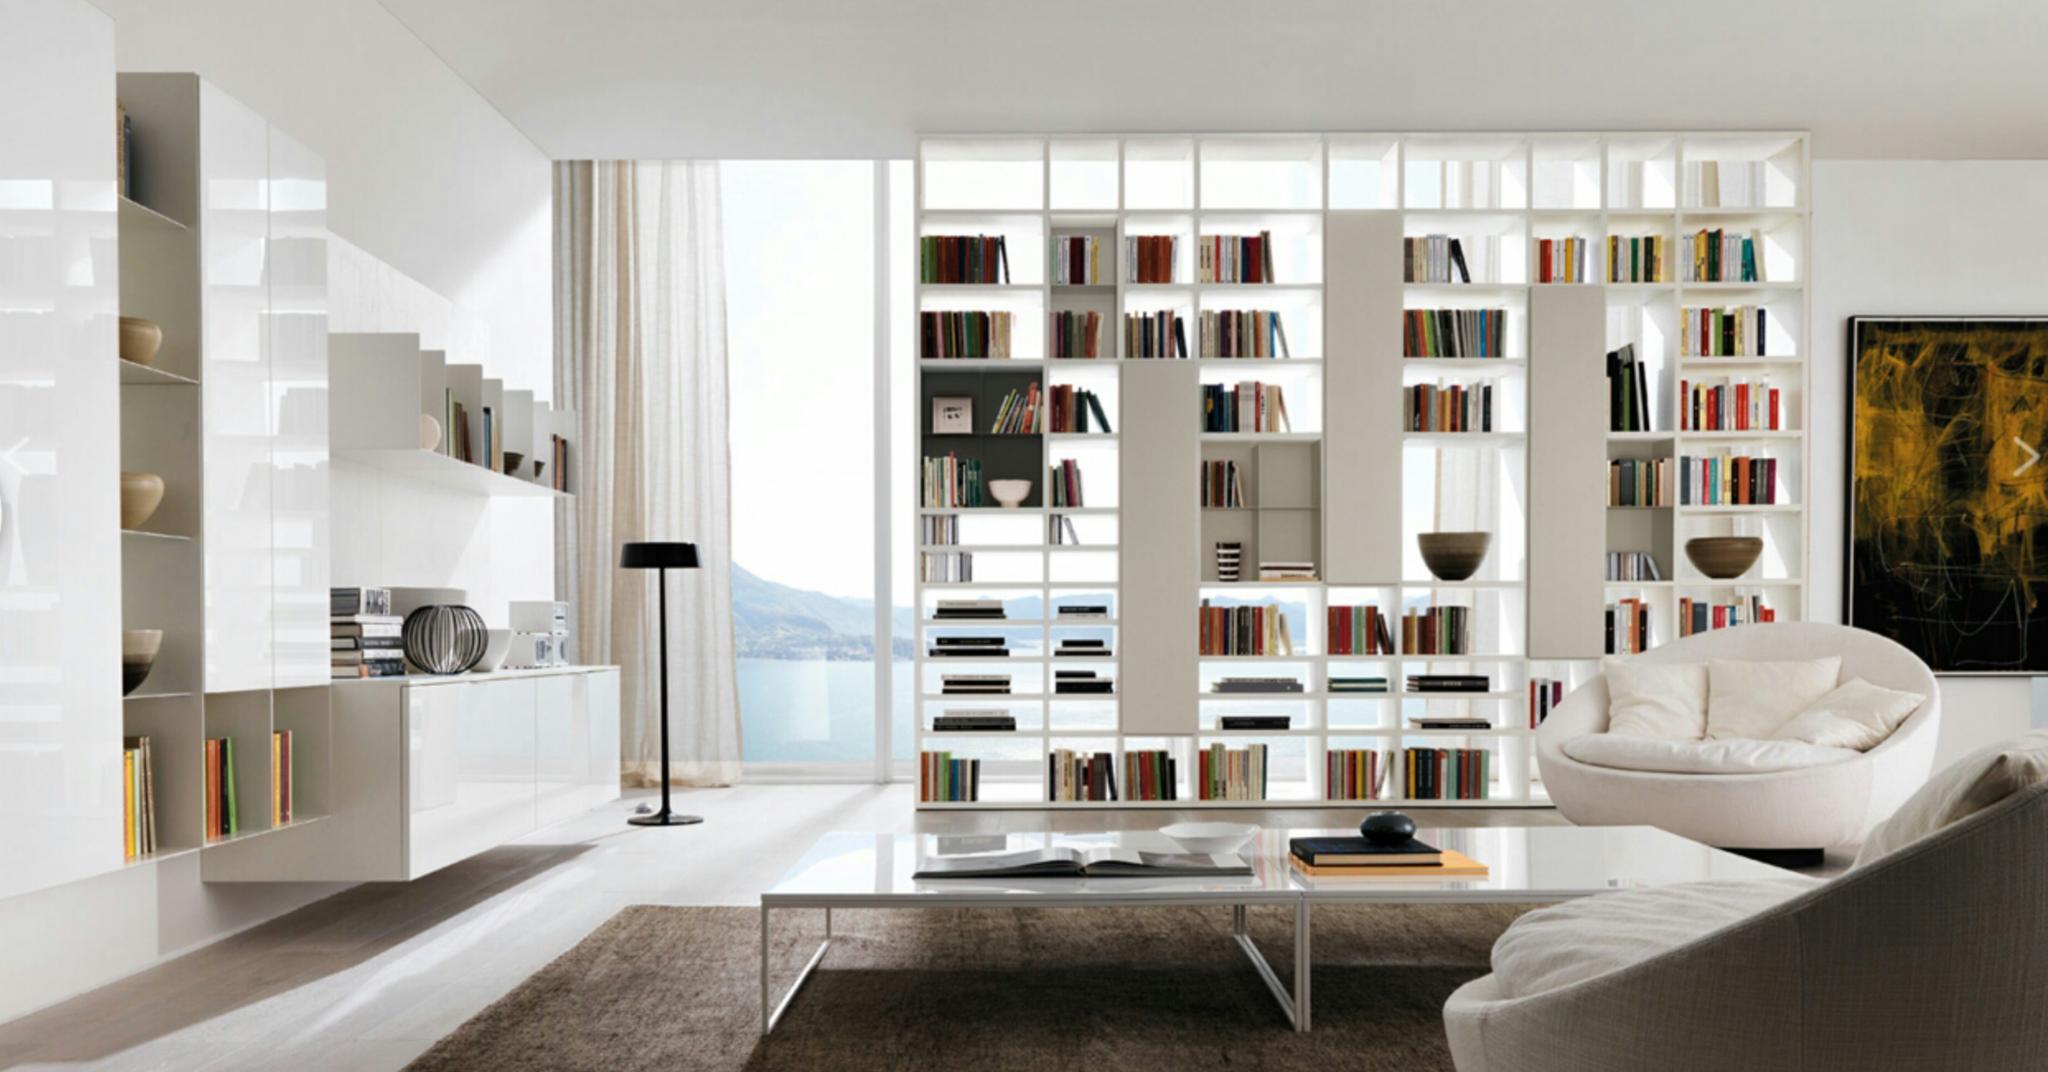 Come non mettere i mobili in casa